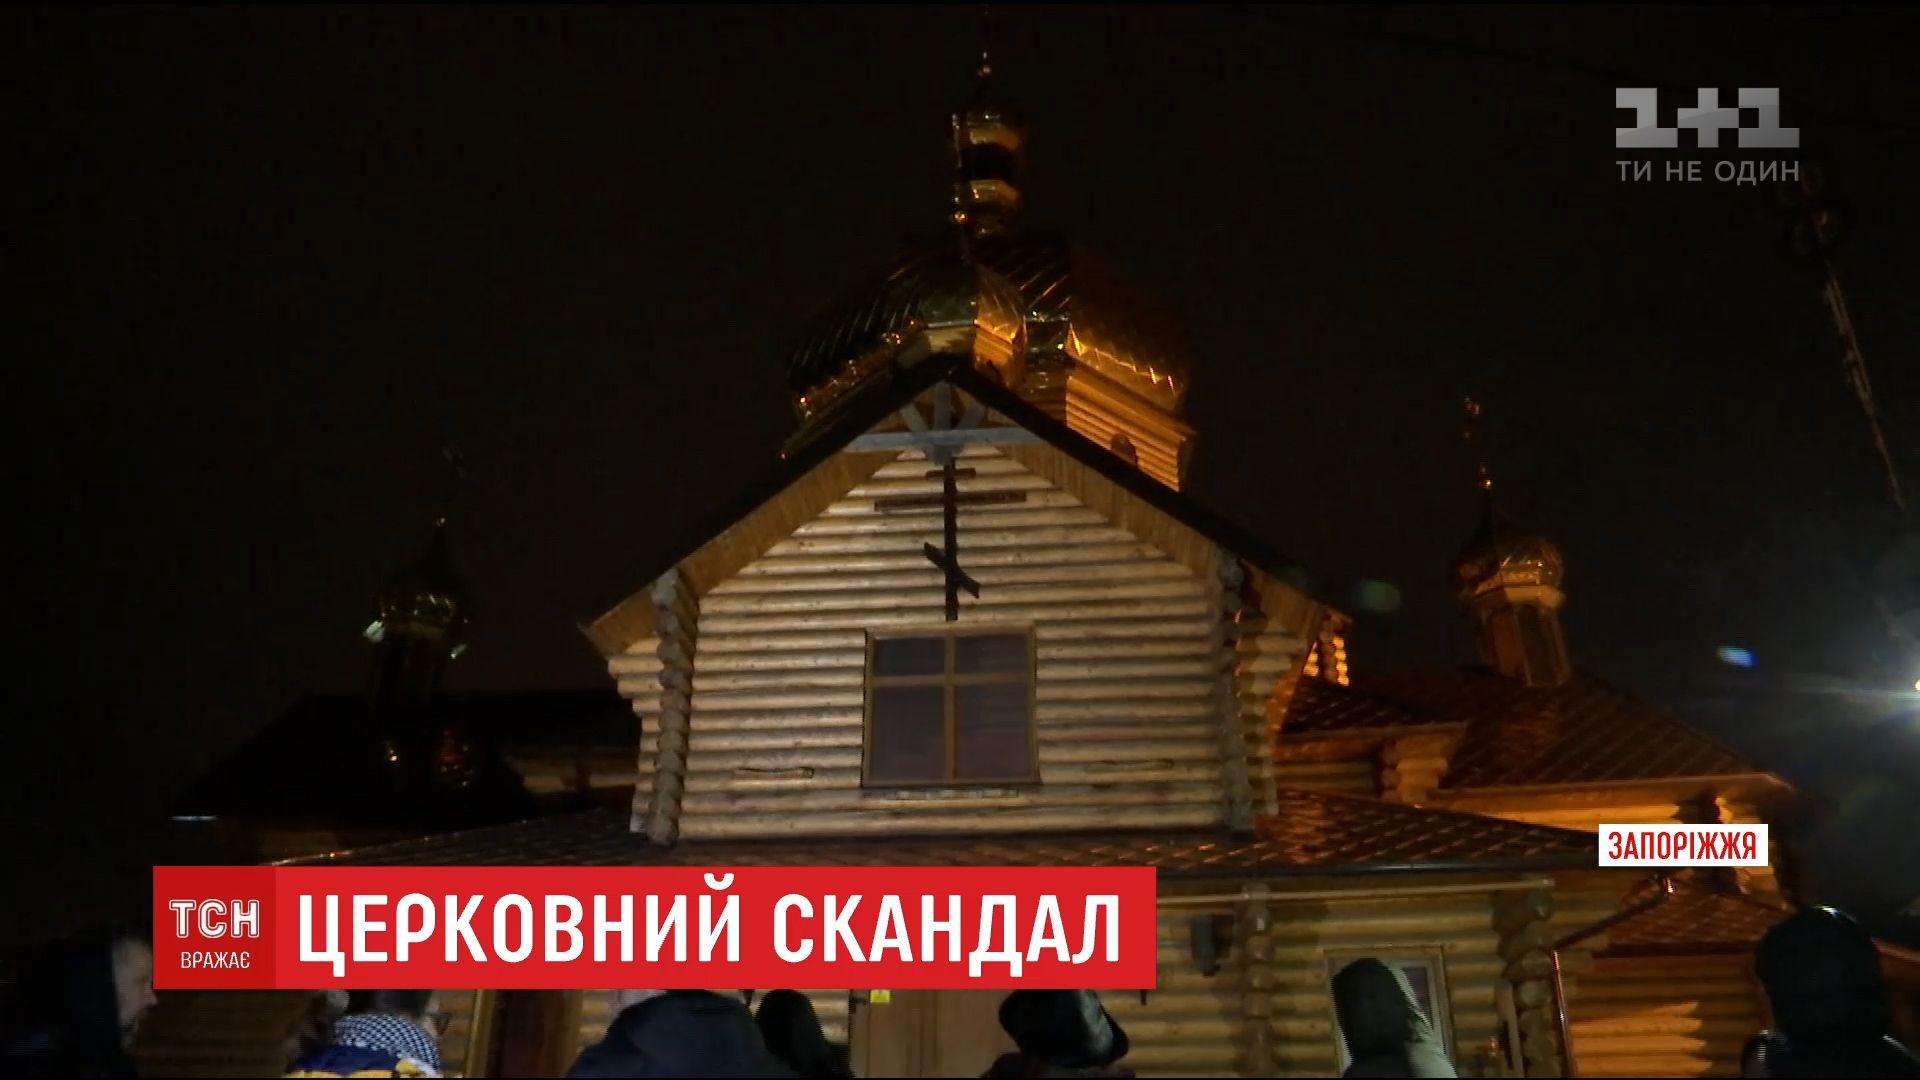 Боец АТО, которого накануне избили возле церкви МП, рассказал о пережитом / скриншот